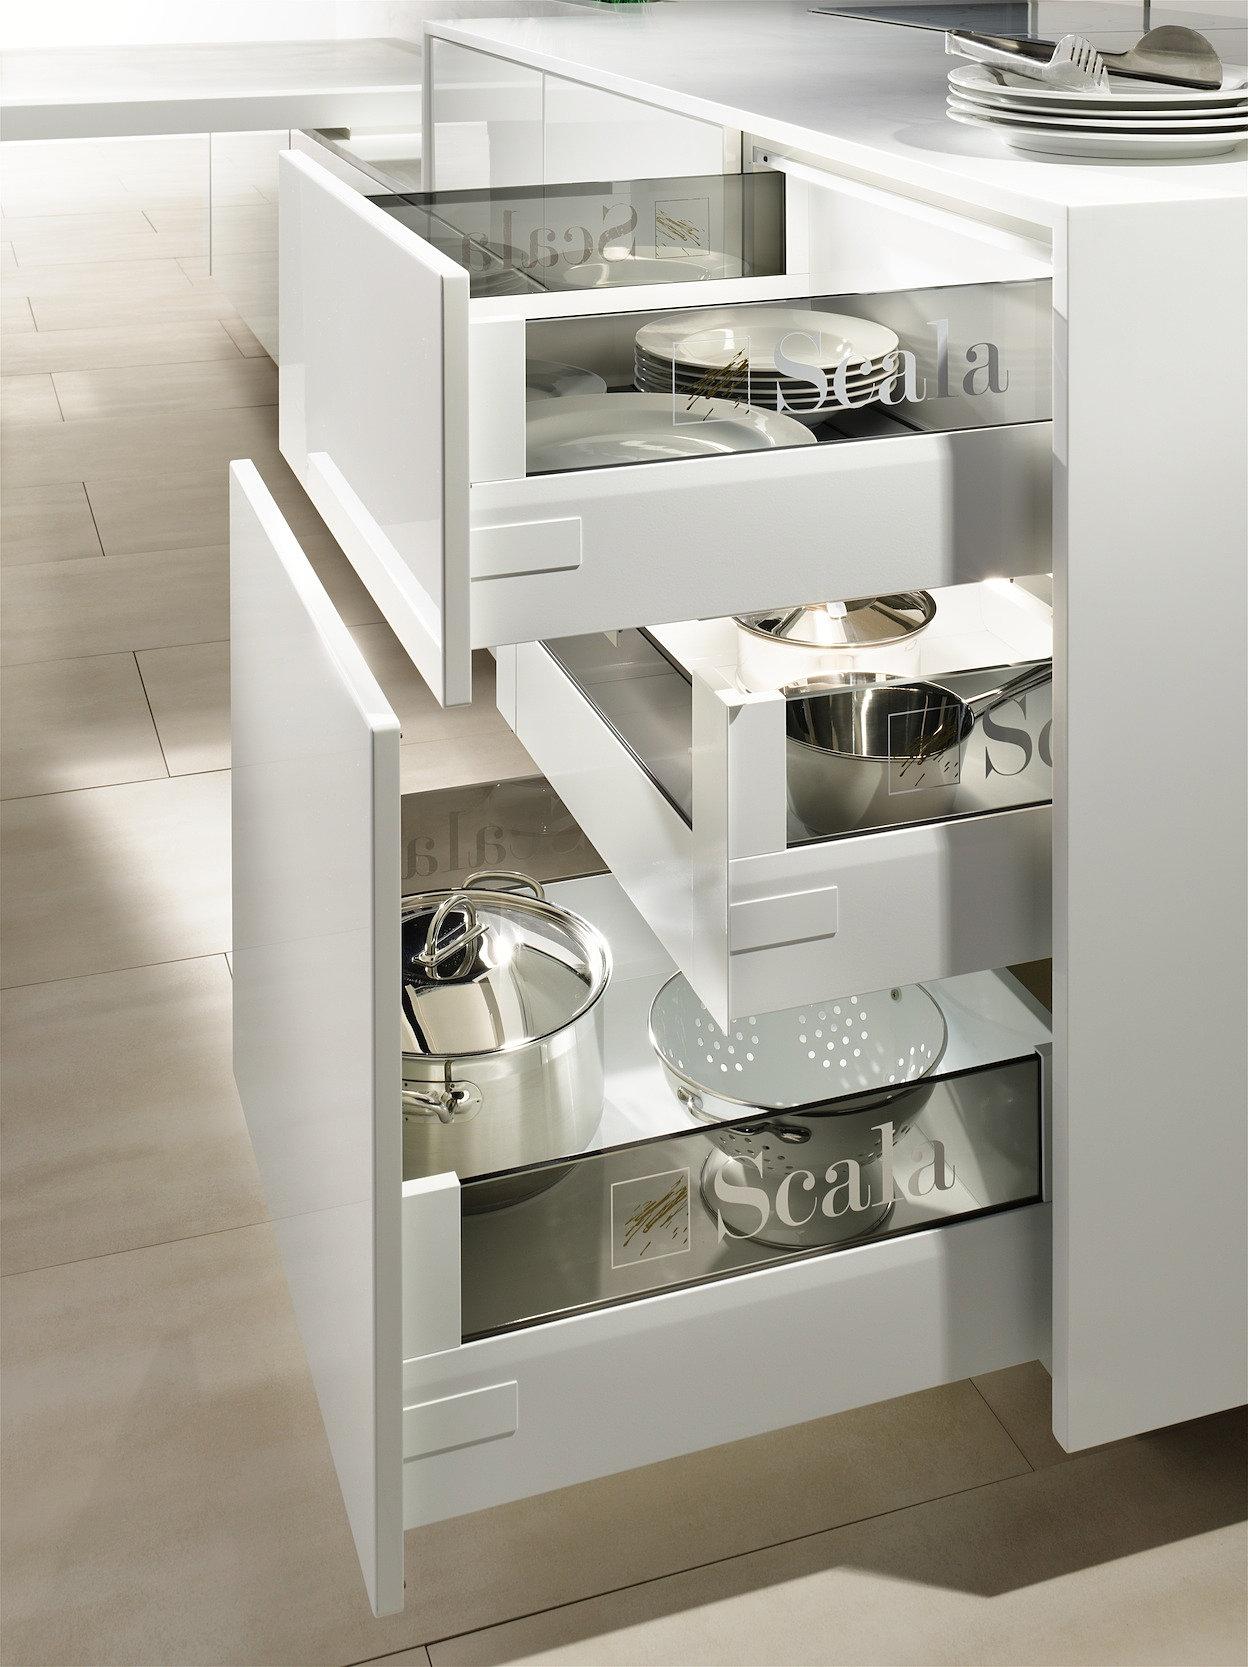 wohnpoint dank chen studio linz urfahr scala dan k chen. Black Bedroom Furniture Sets. Home Design Ideas